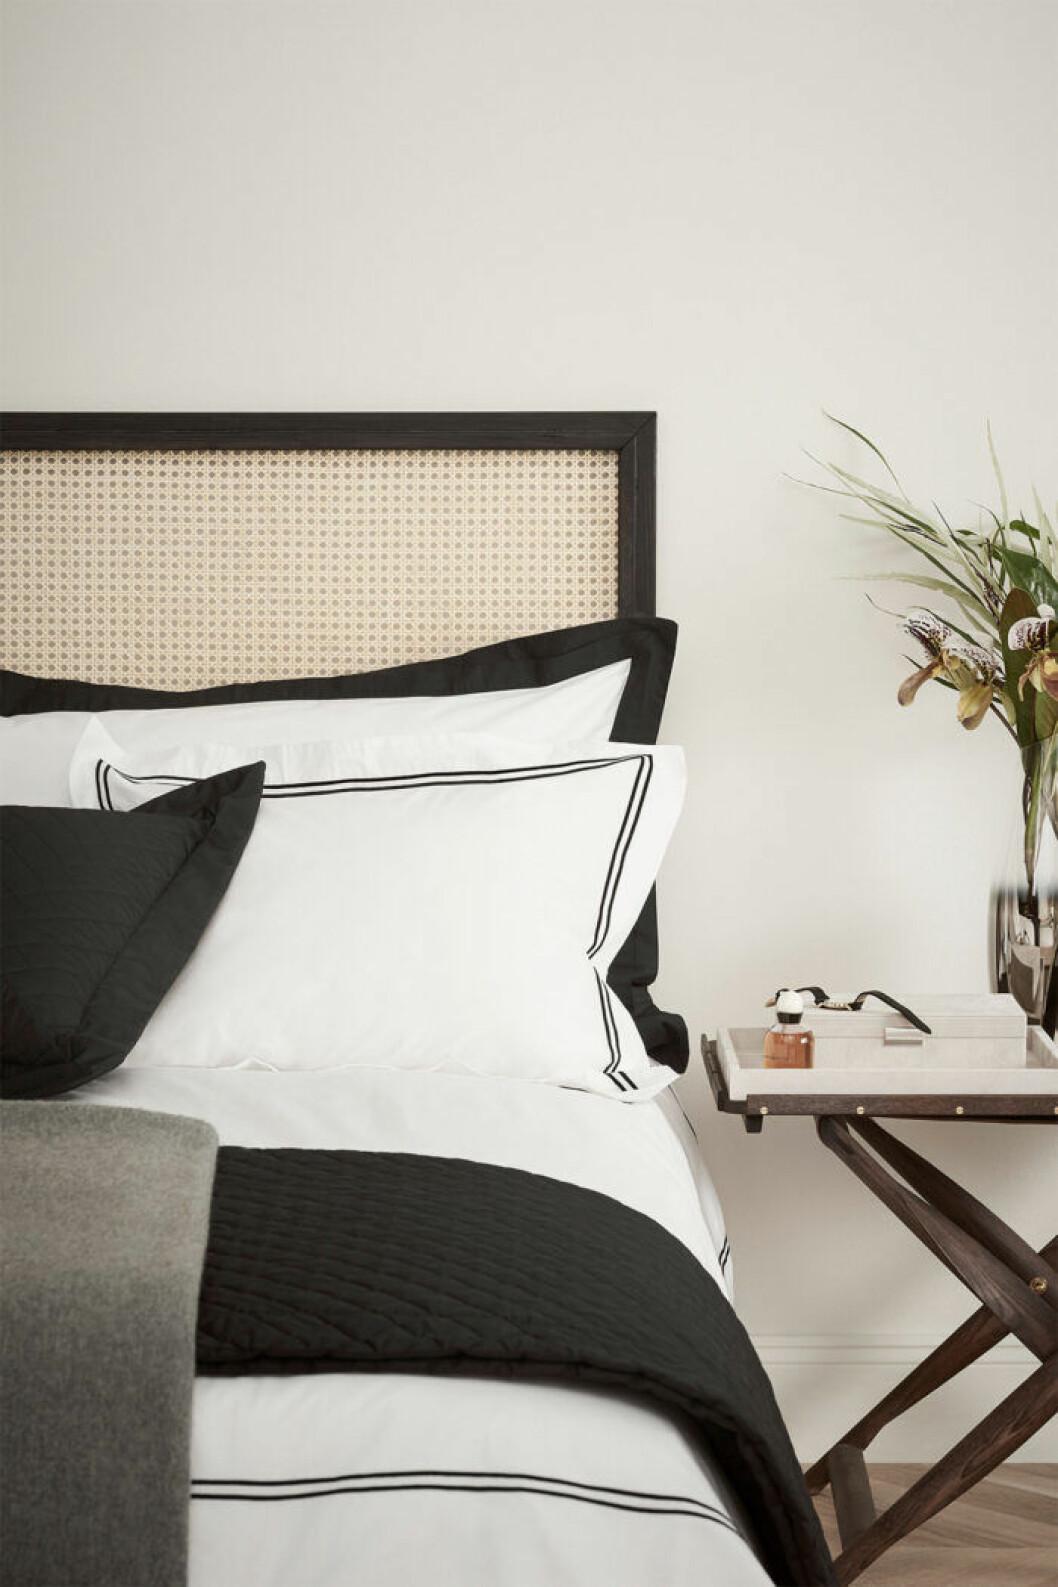 trendigt bäddset i hotellstil till sommarens semester hemma